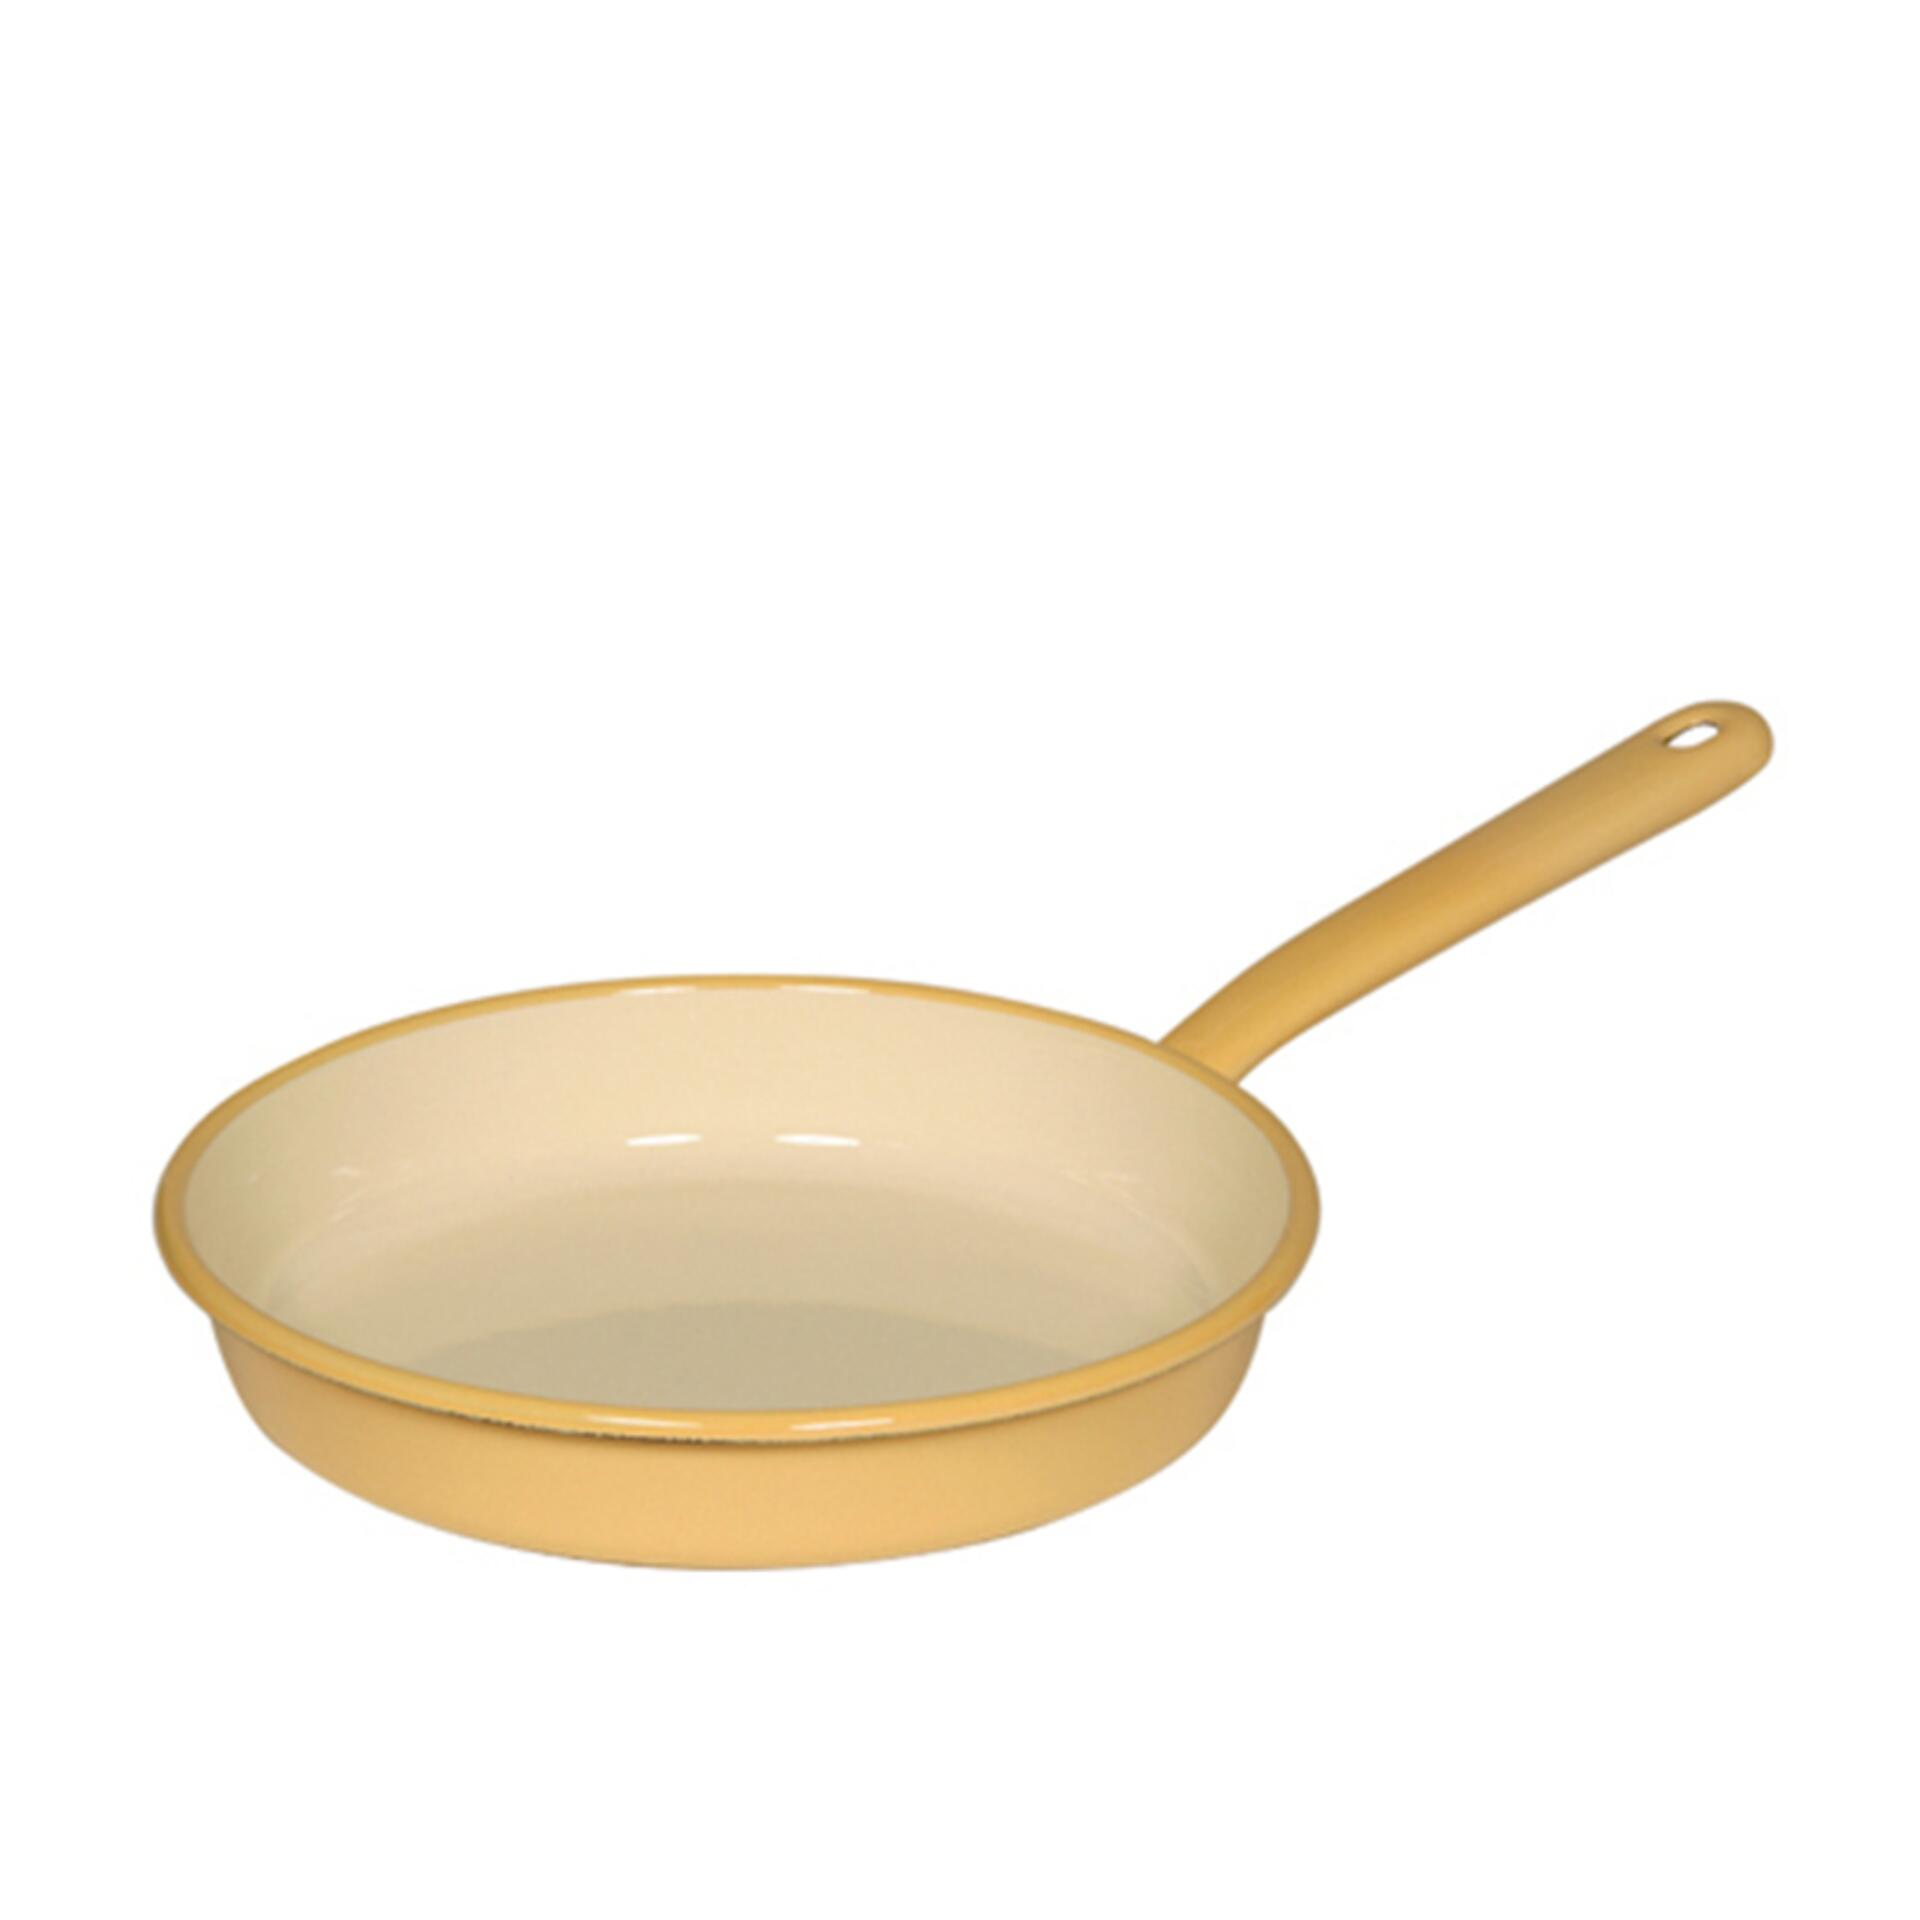 Riess Omelettpfanne 22 cm